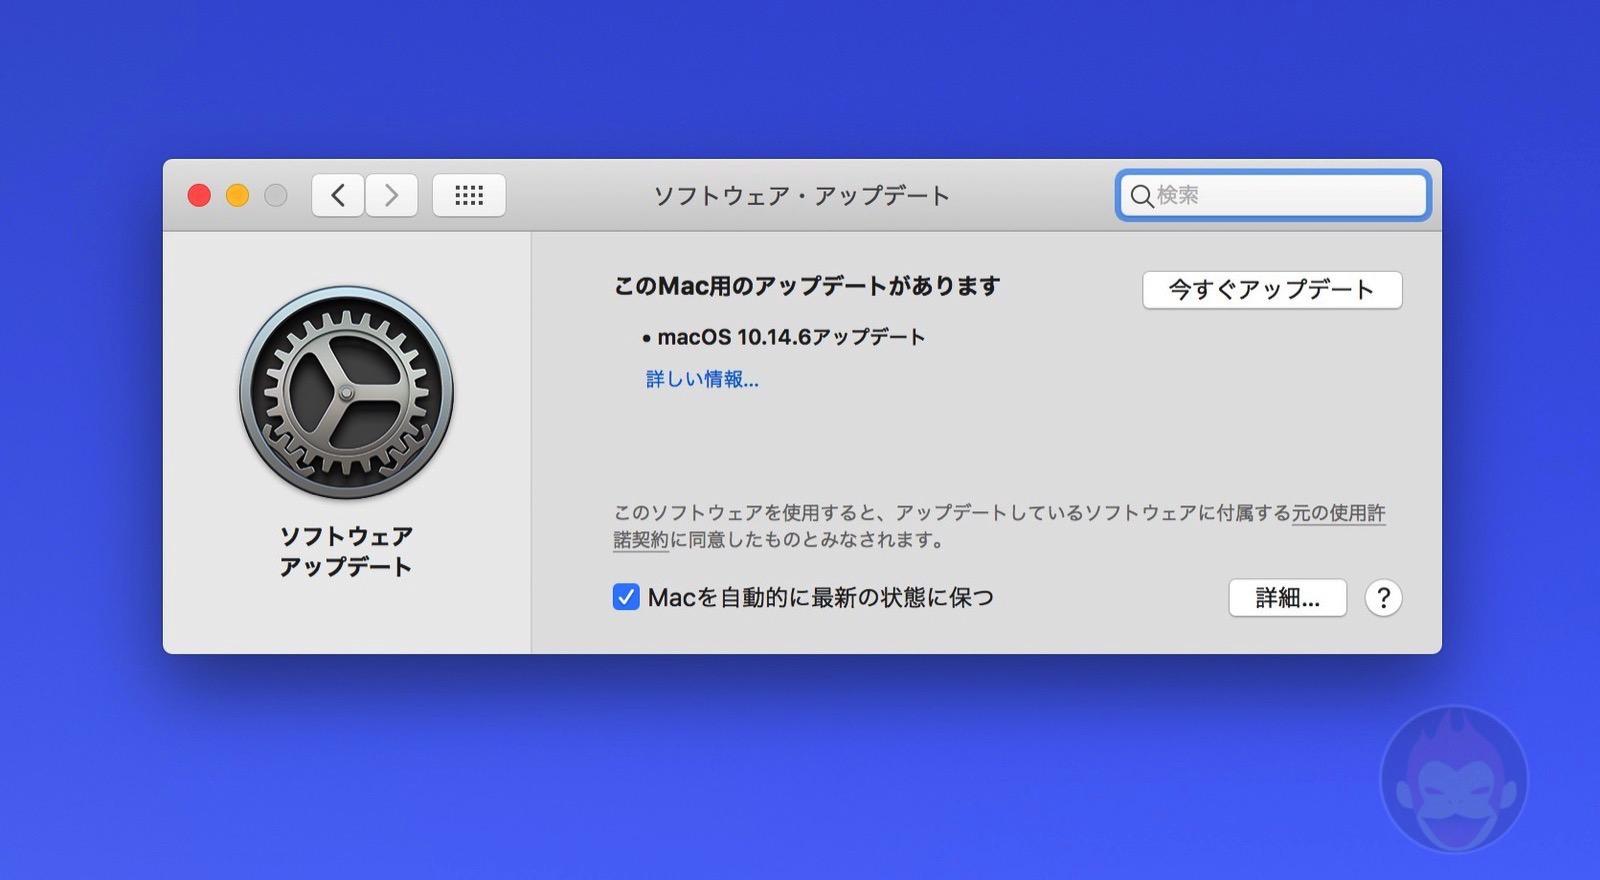 MacOS mojave 10 14 6 update 01